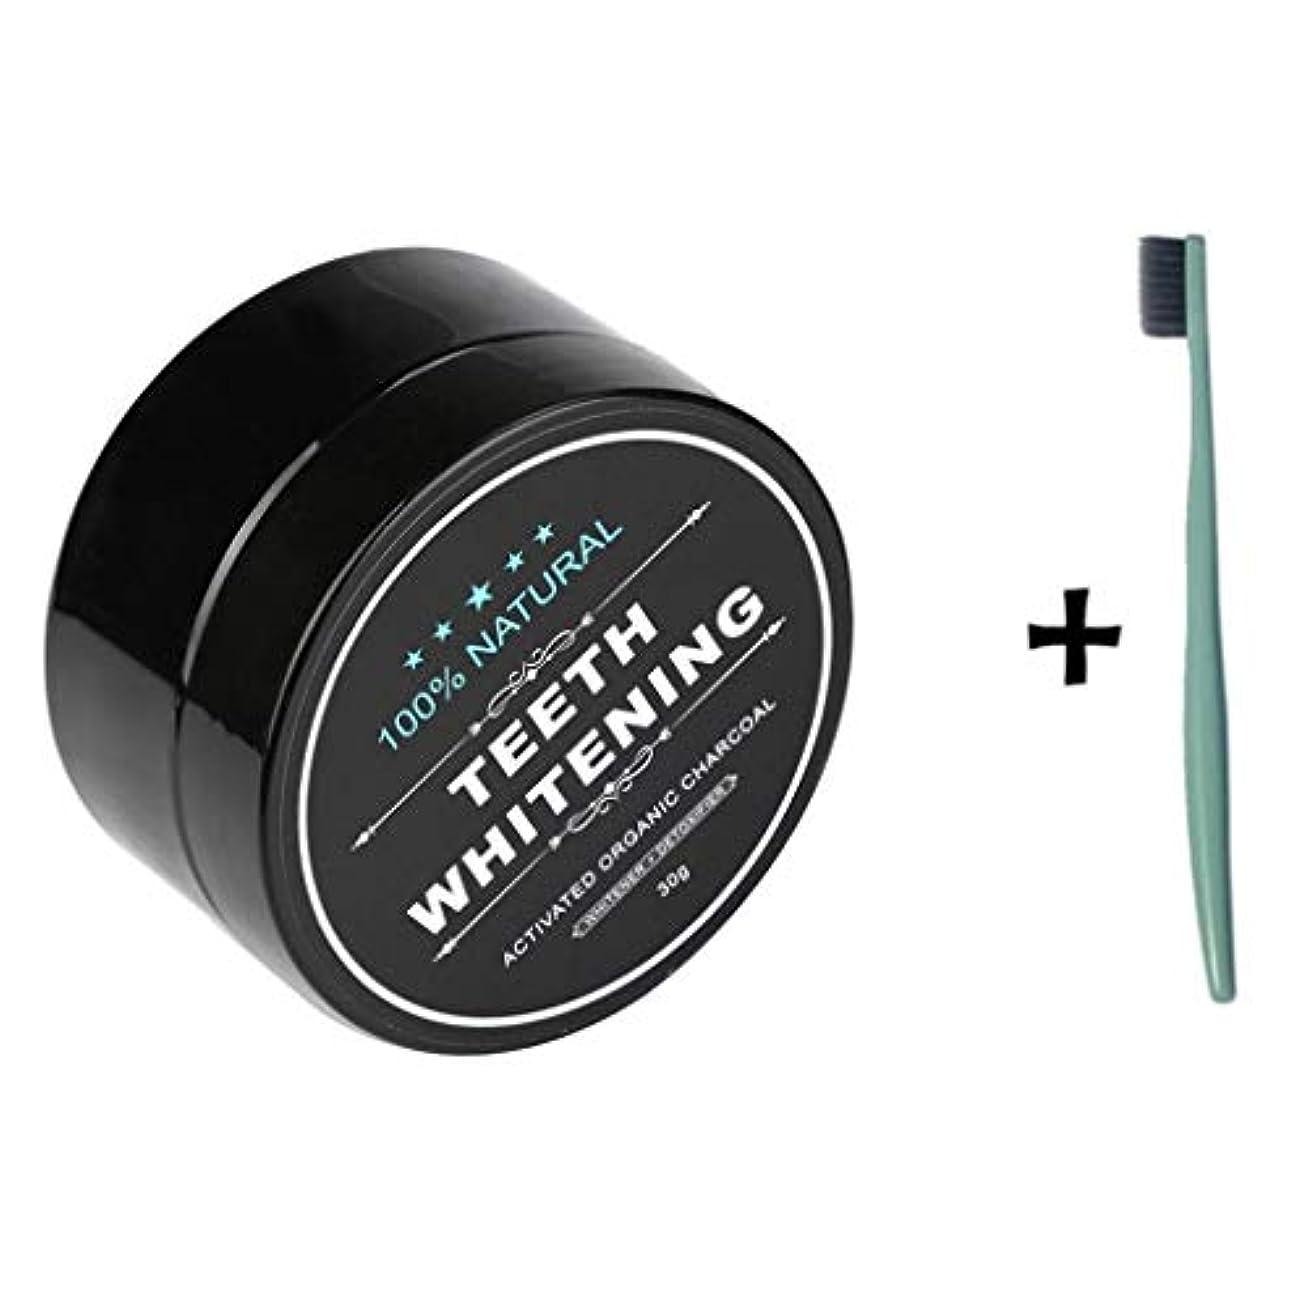 宿泊滑りやすいメッシュKOROWA 歯磨きパウダー 竹炭歯ブラシ ホワイトニング 口腔衛生 ブラシ付け 30g